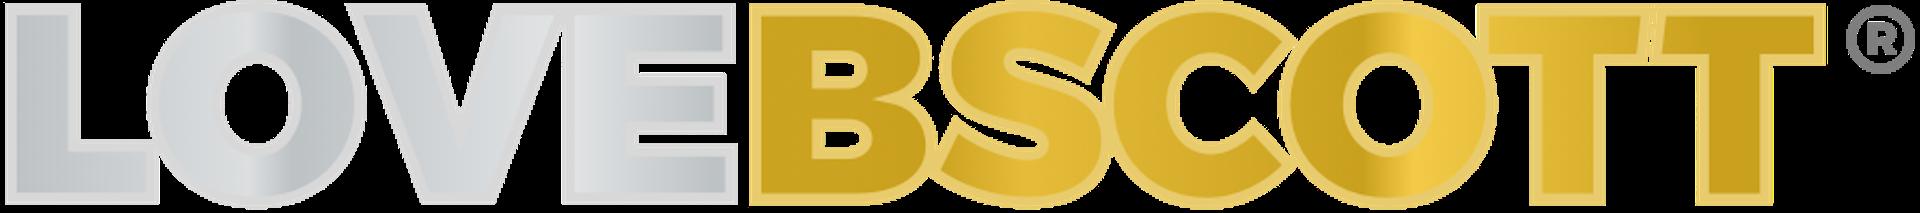 lovebscott logo